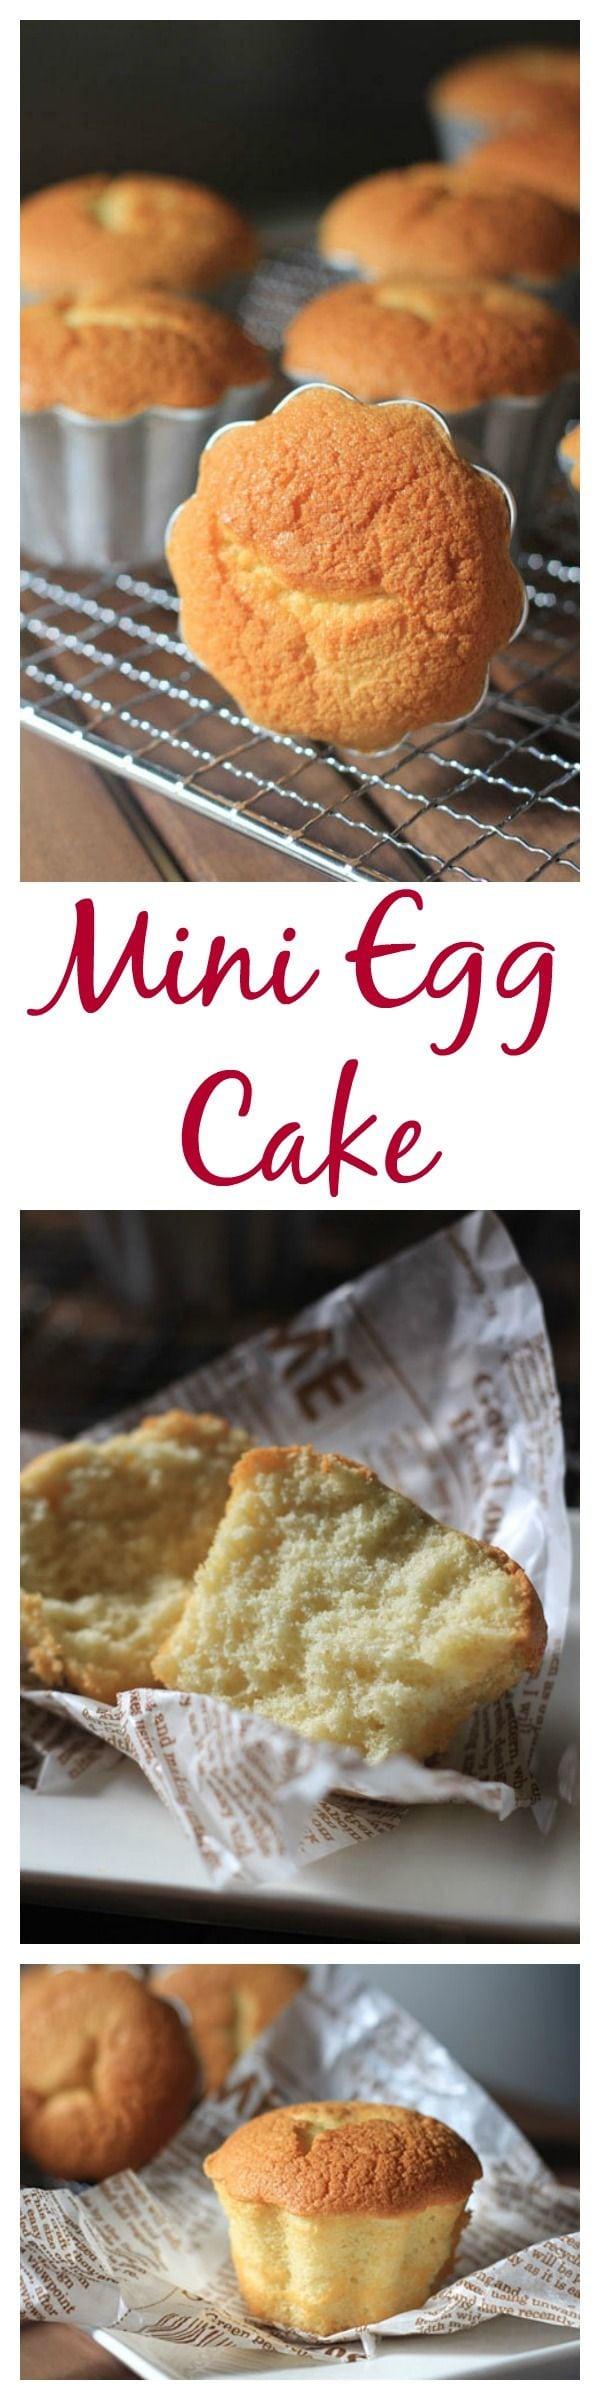 Whole Egg Sponge Cake Recipe